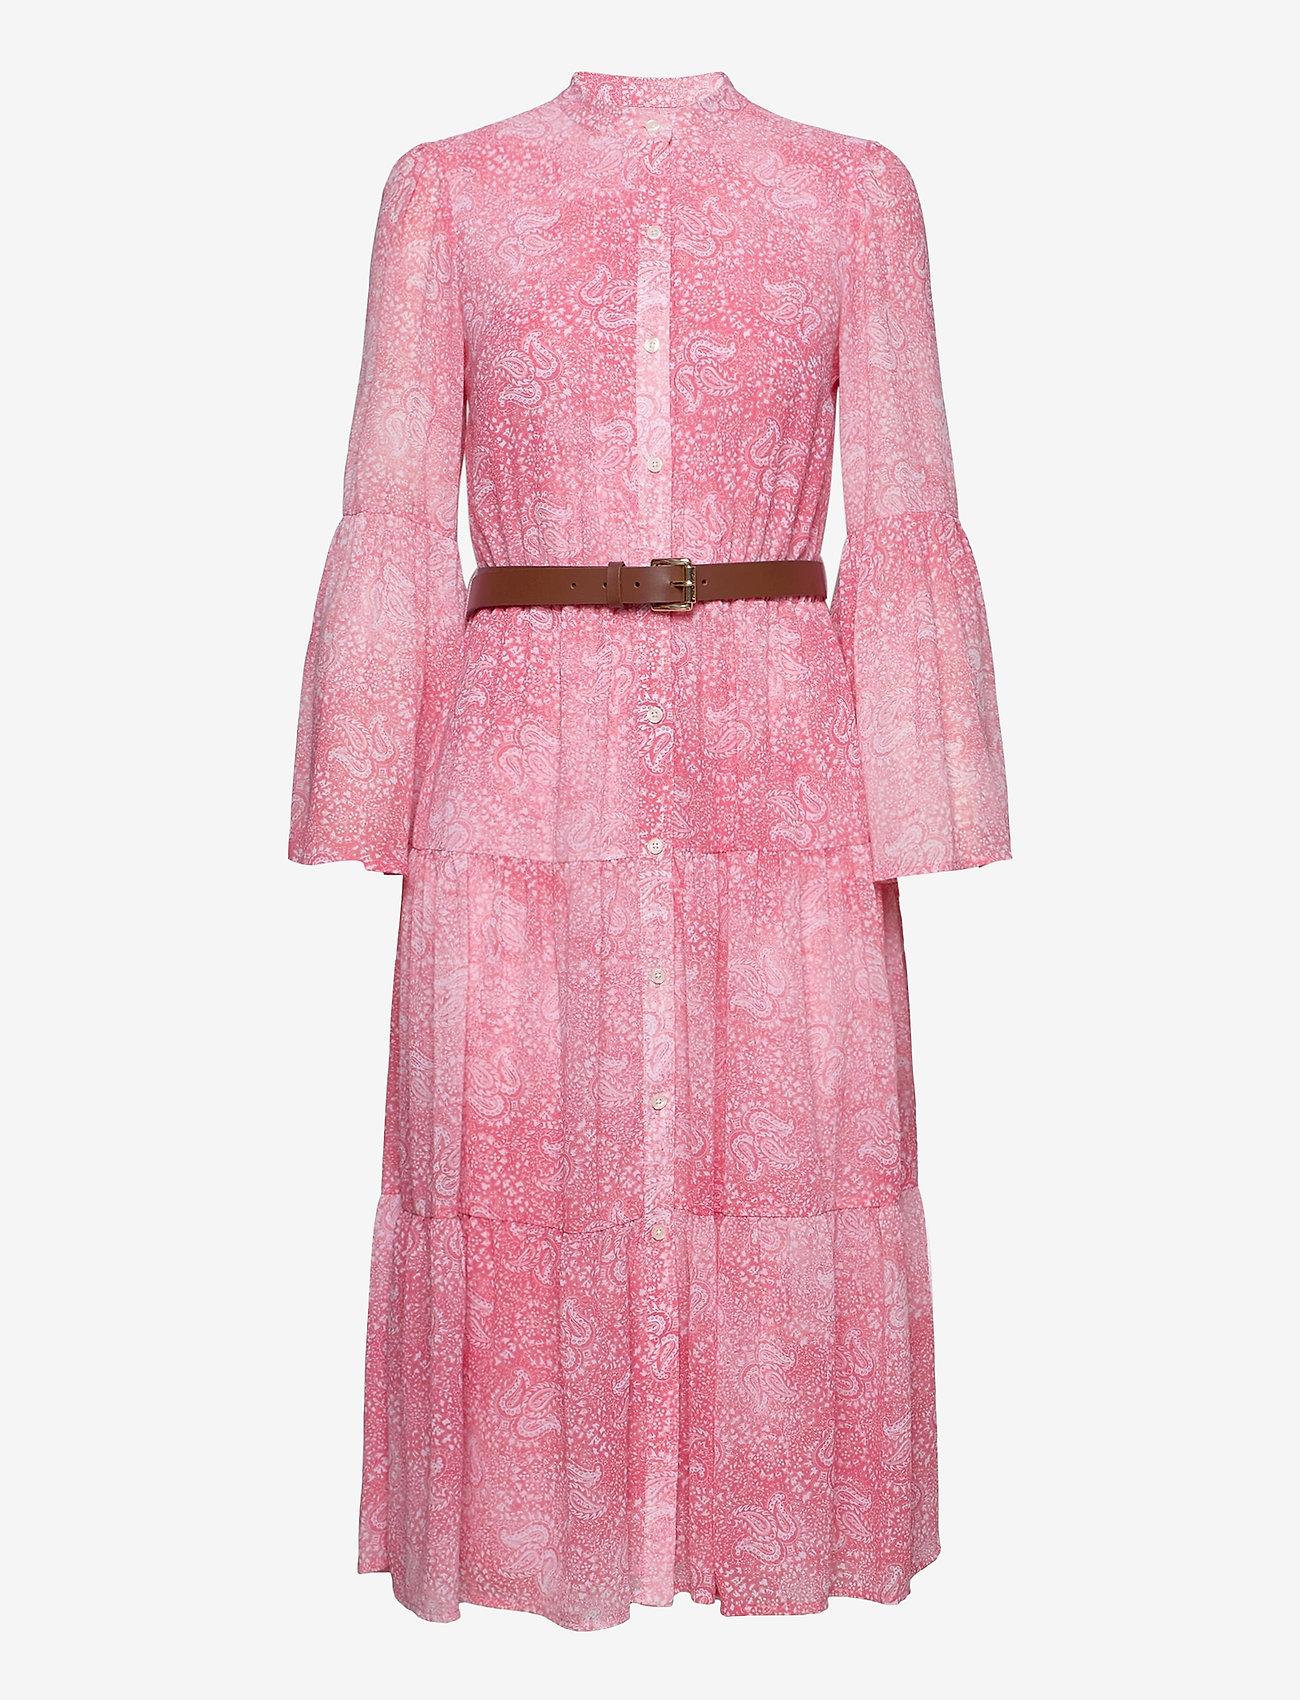 Michael Kors - SUNBLCHED MIDI DRESS - midi jurken - geranium - 0